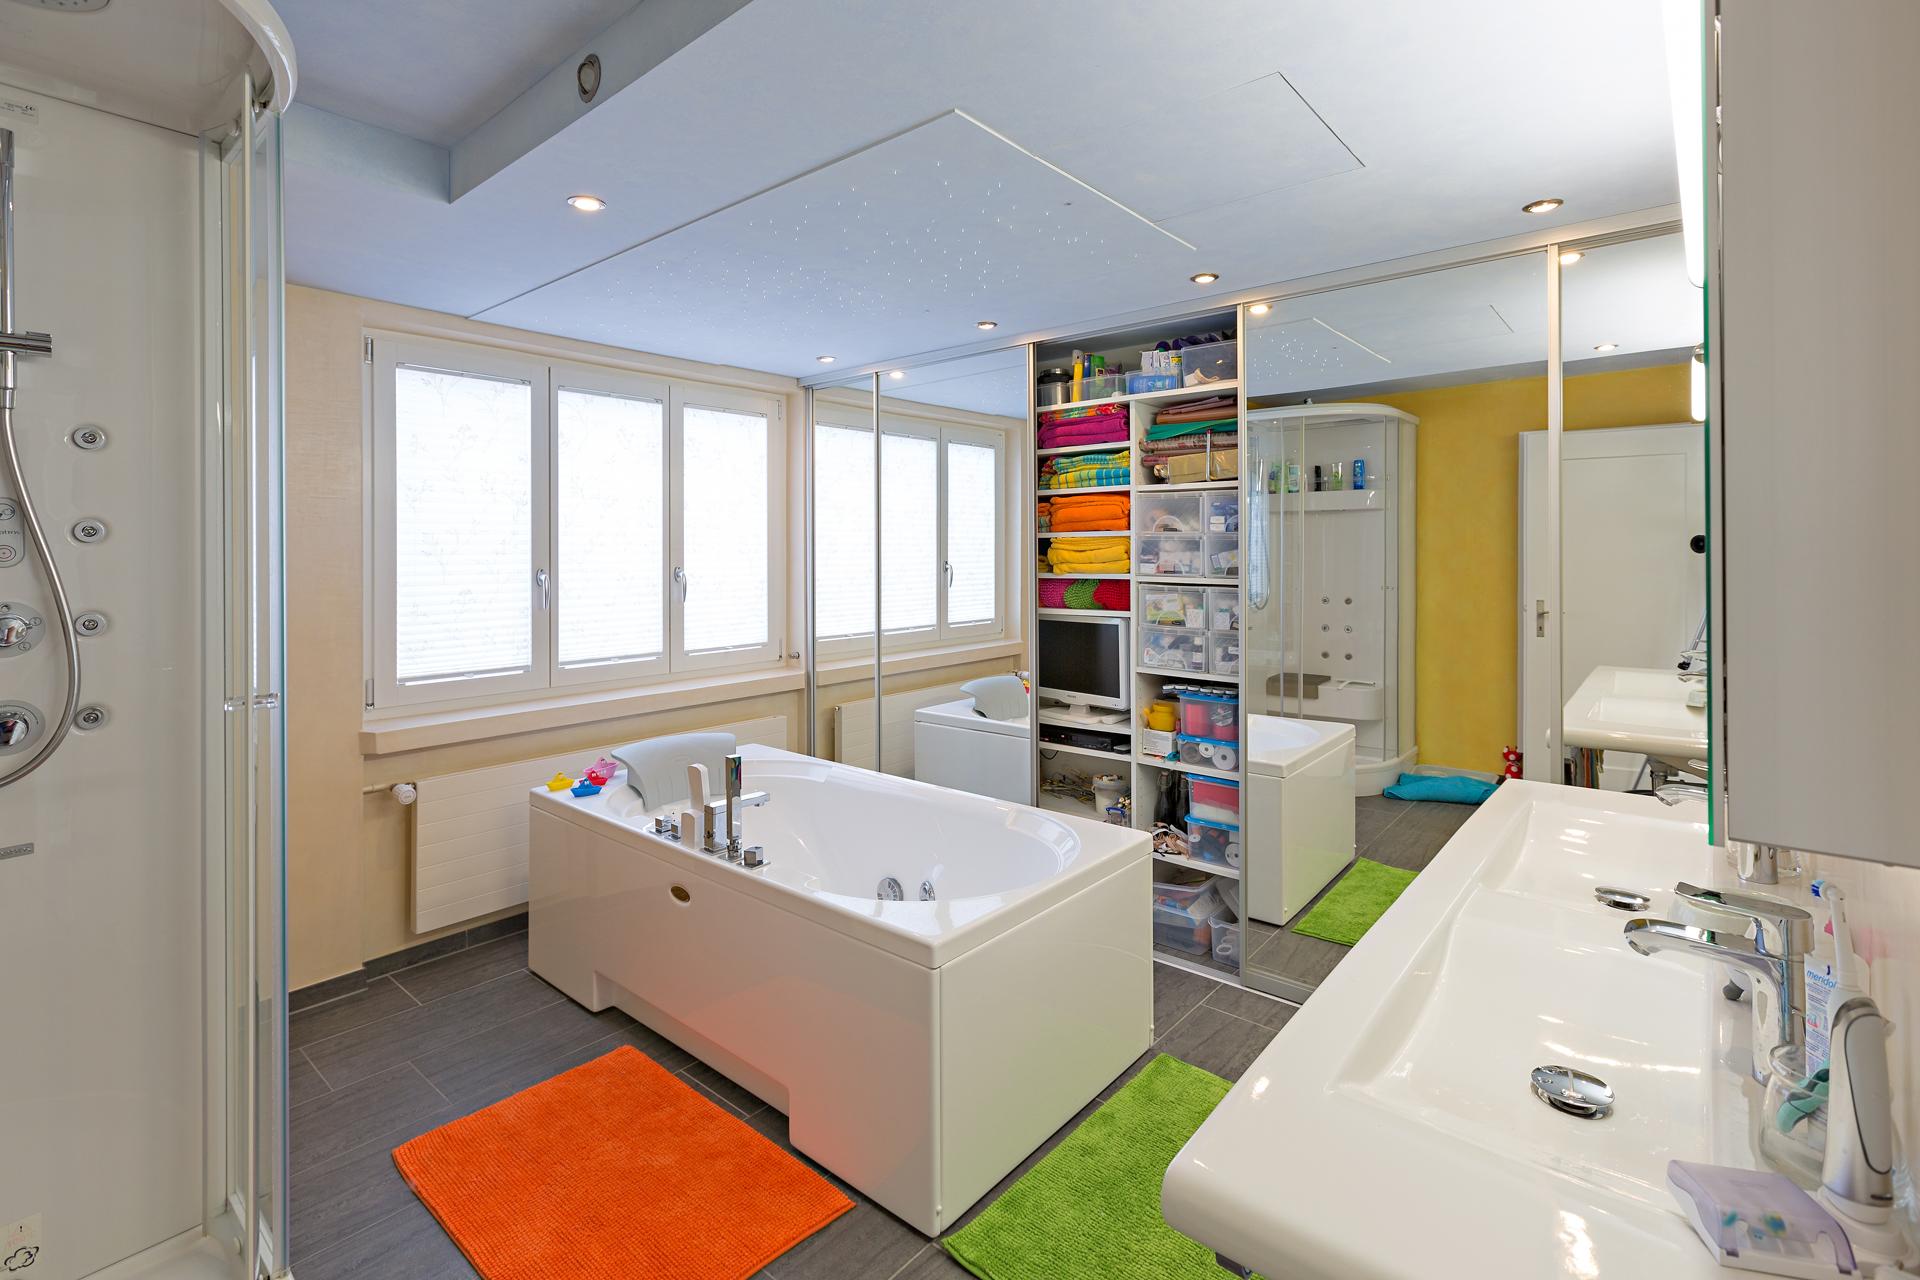 minimalistische wohnideen | jtleigh - hausgestaltung ideen, Wohnideen design